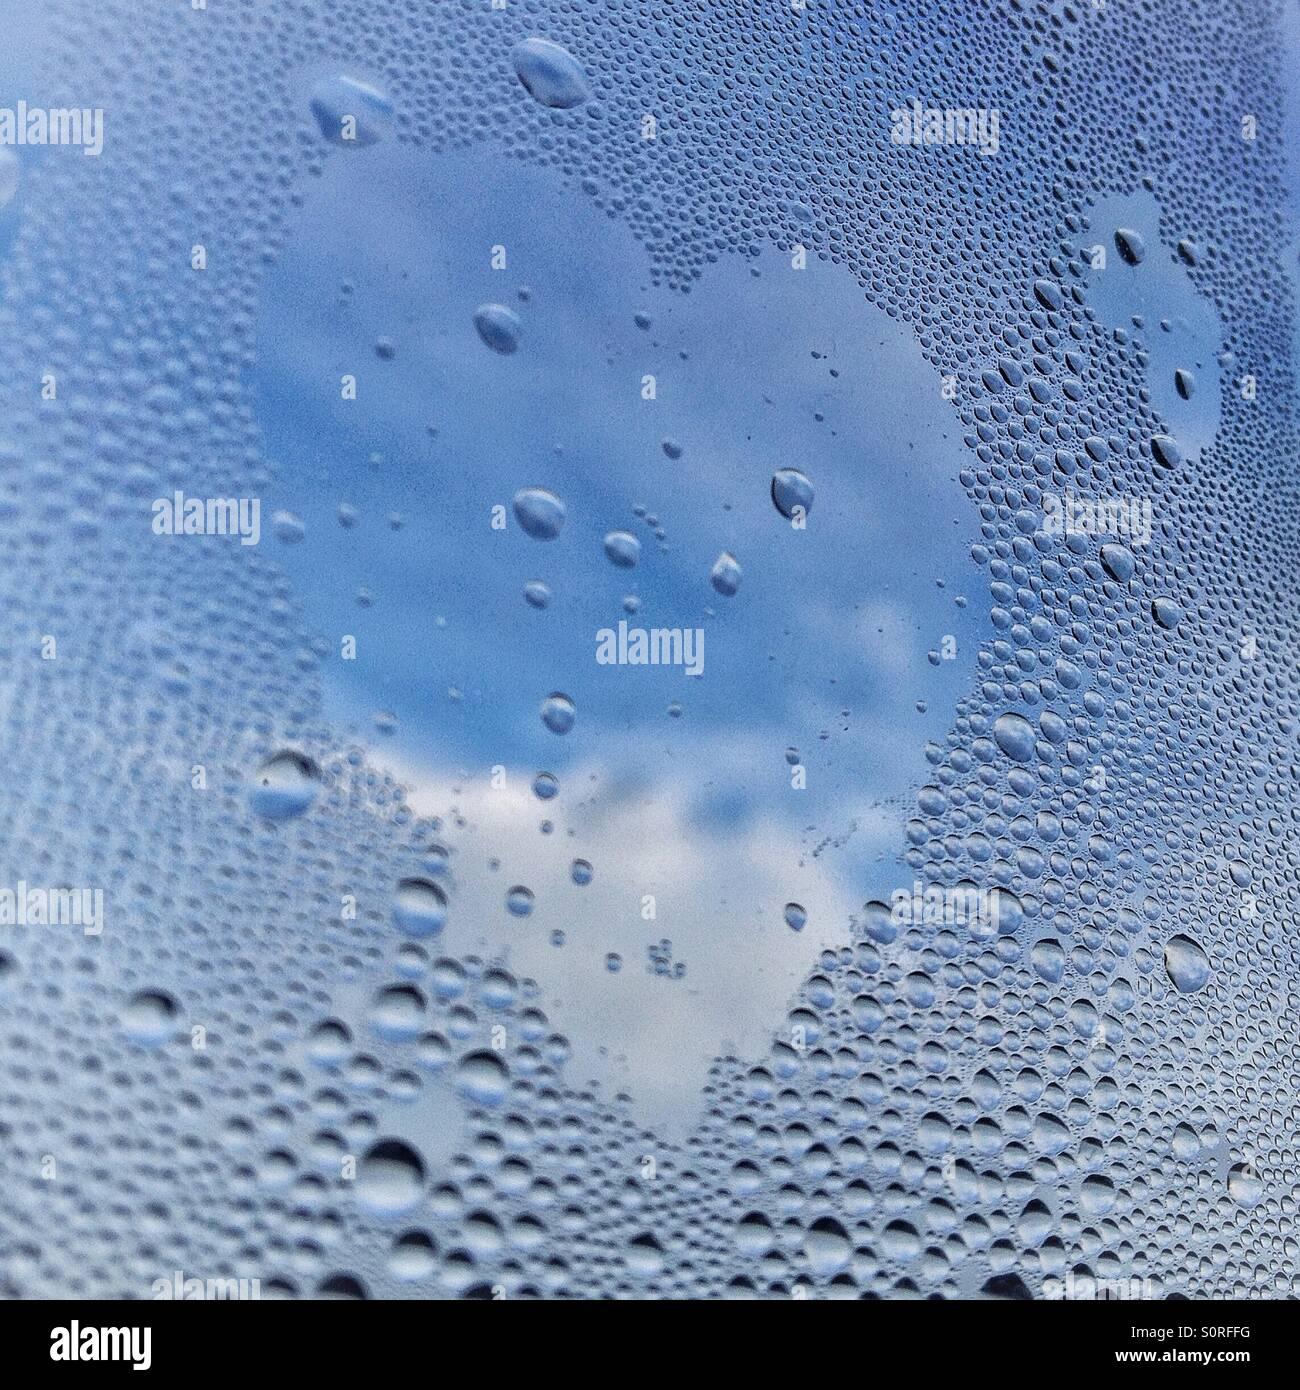 Herzform gemacht in Kondenswasser am Fenster Stockbild